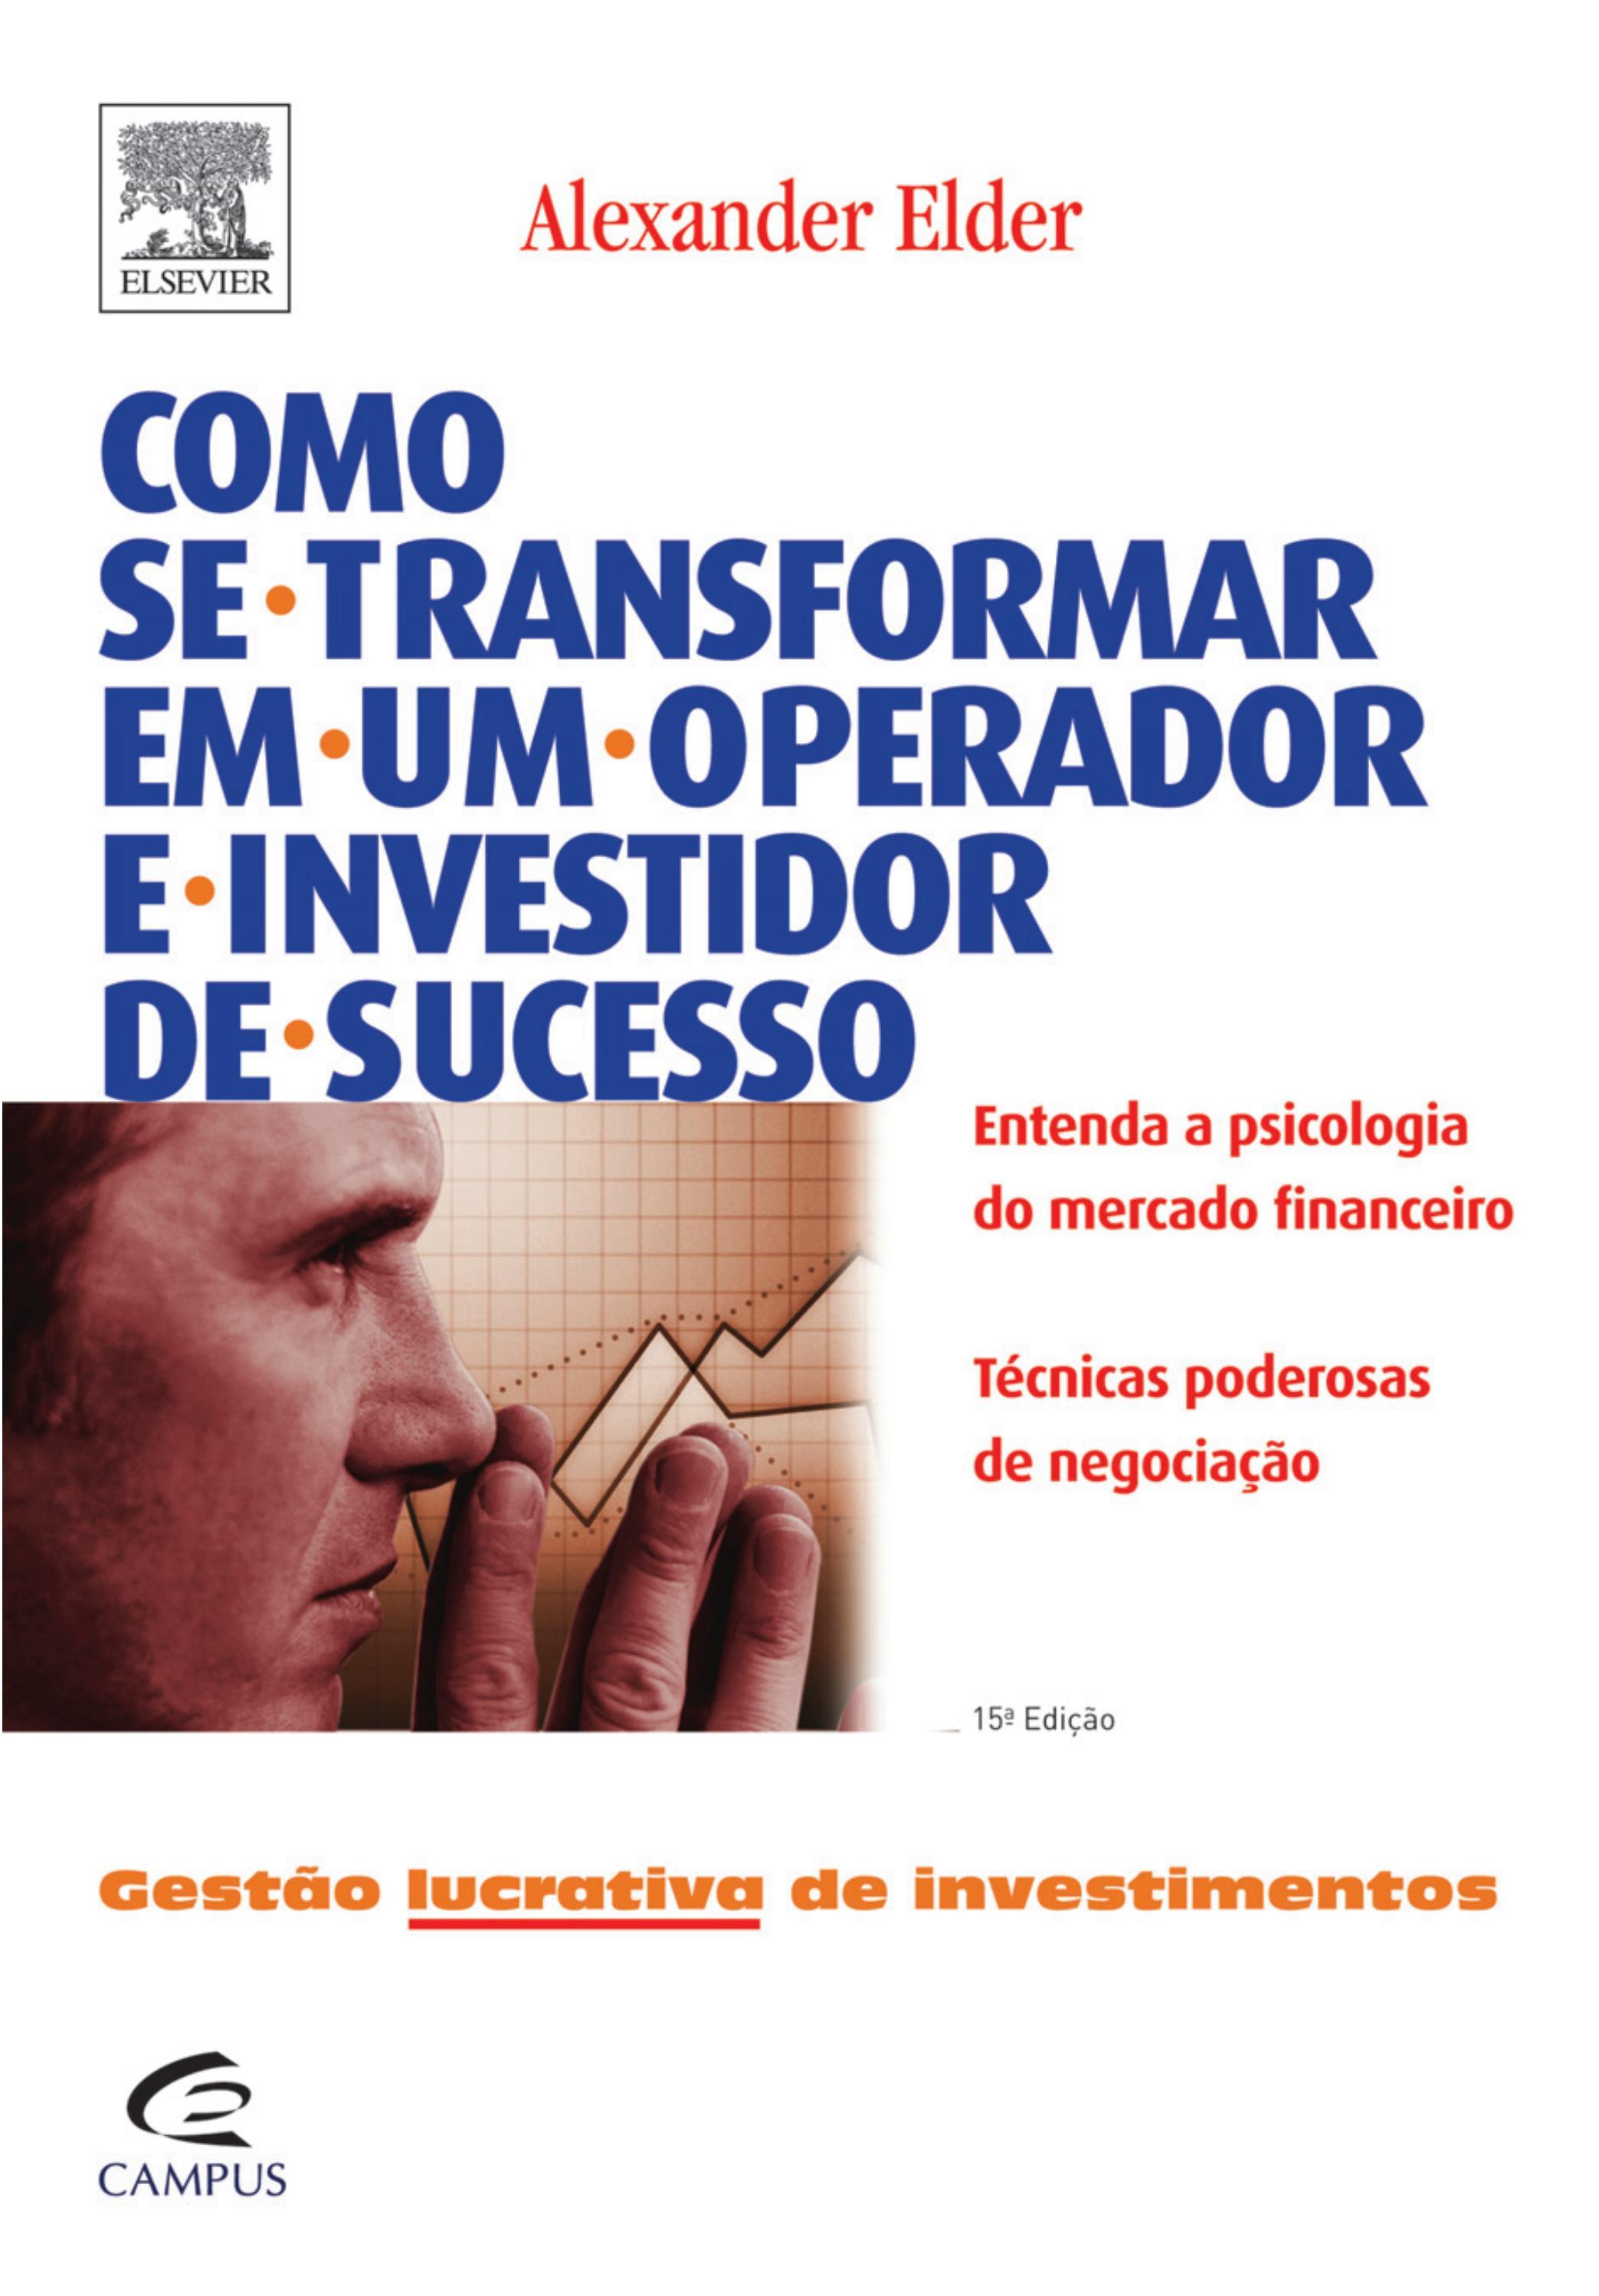 fdc9998bfc90c Como se transformar em um operador e investidor de sucesso alexander elder  by Antonio Andrade - issuu